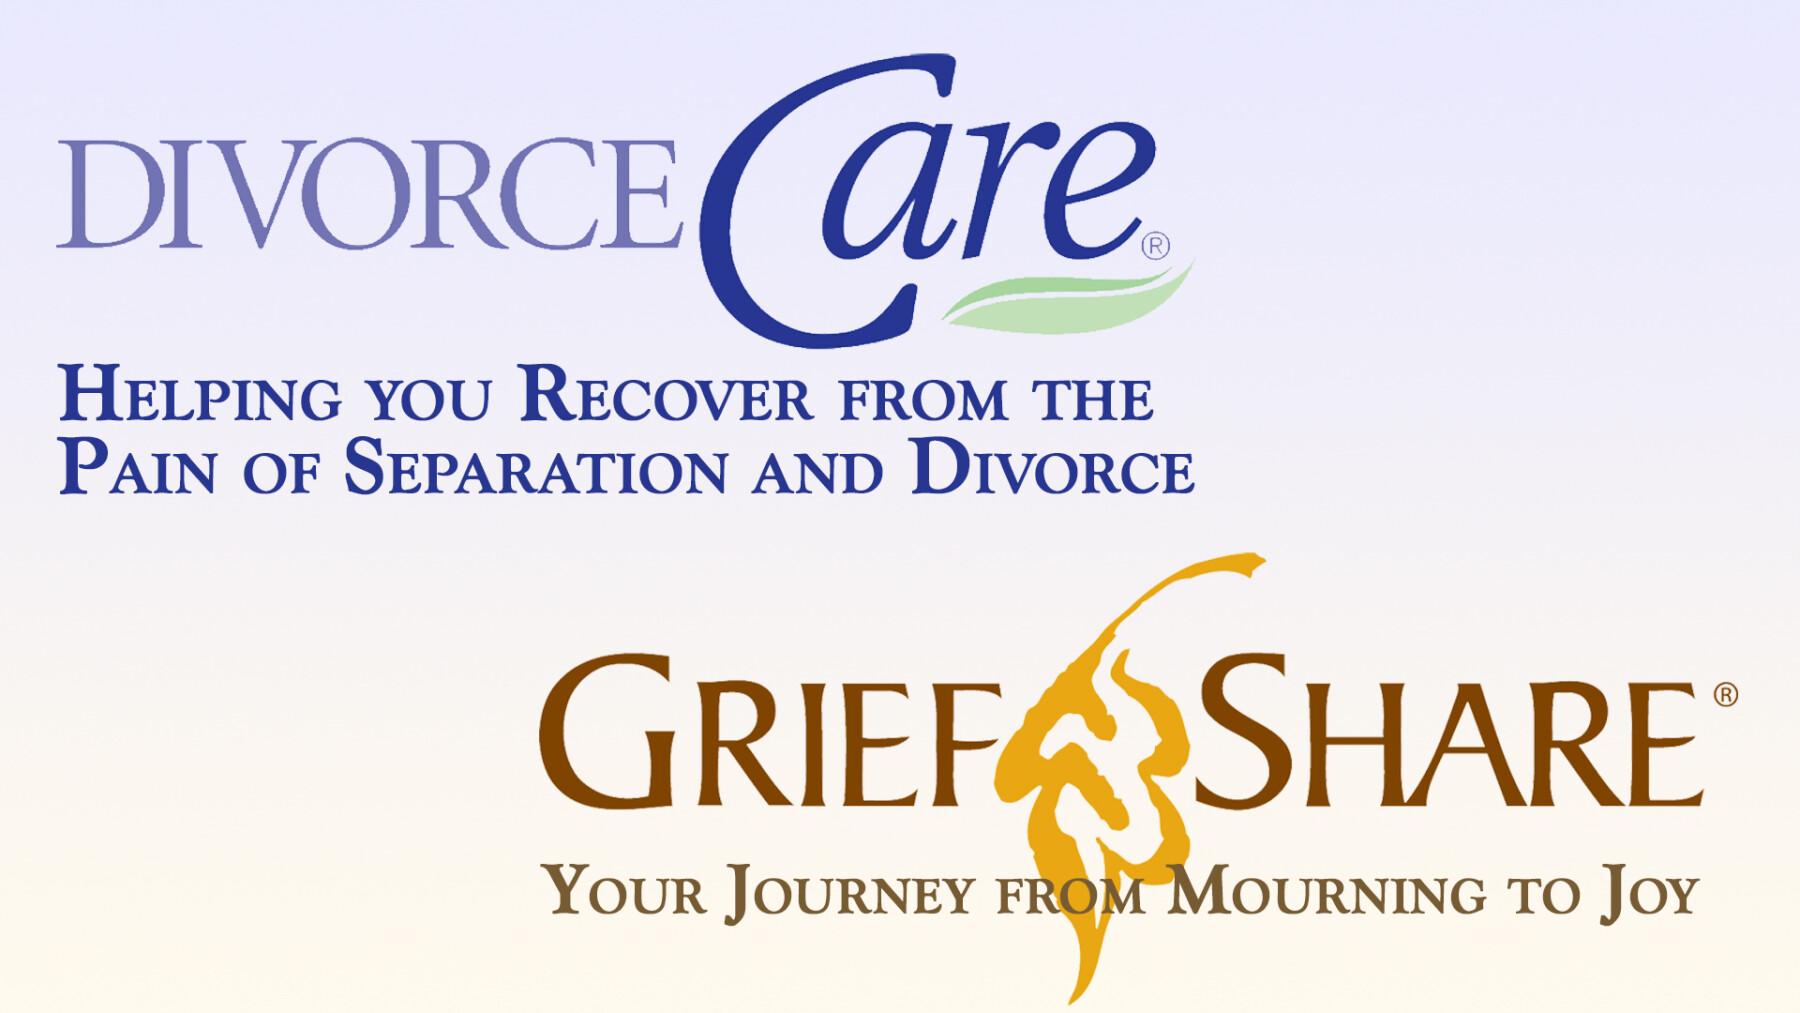 GriefShare / DivorceCare